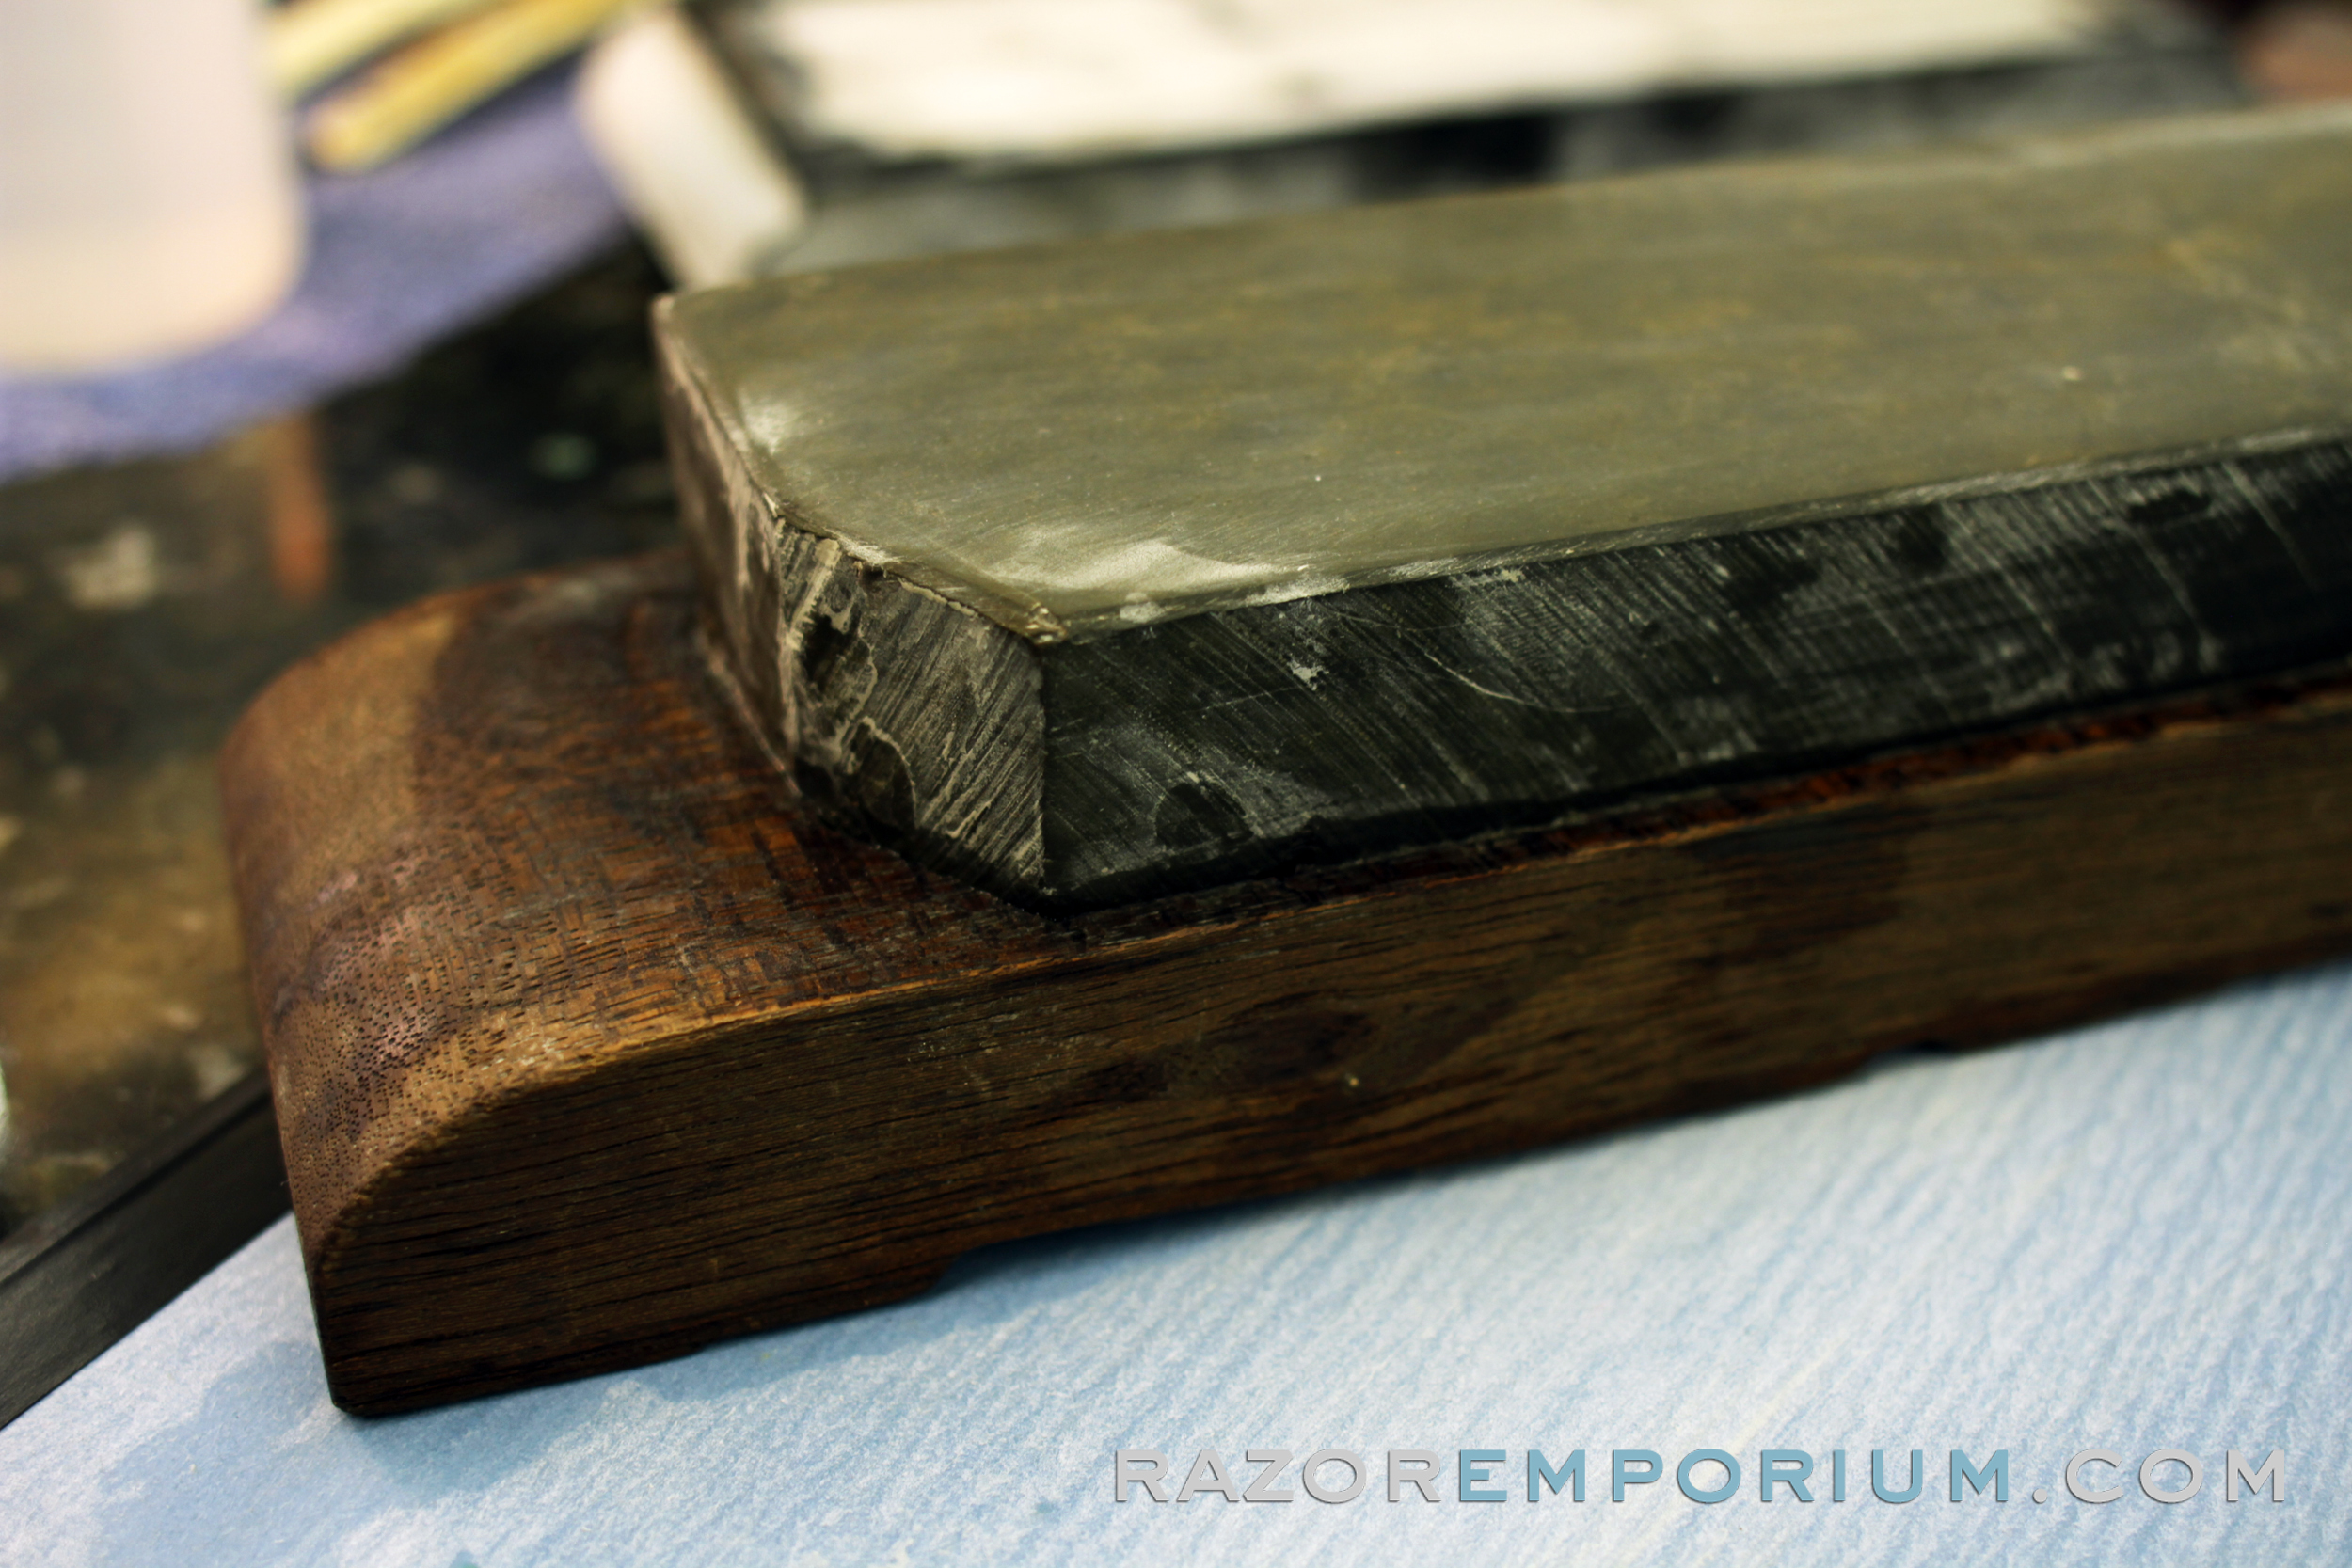 How to hone a straight razor step 1 prep razor emporium for How to hone marble